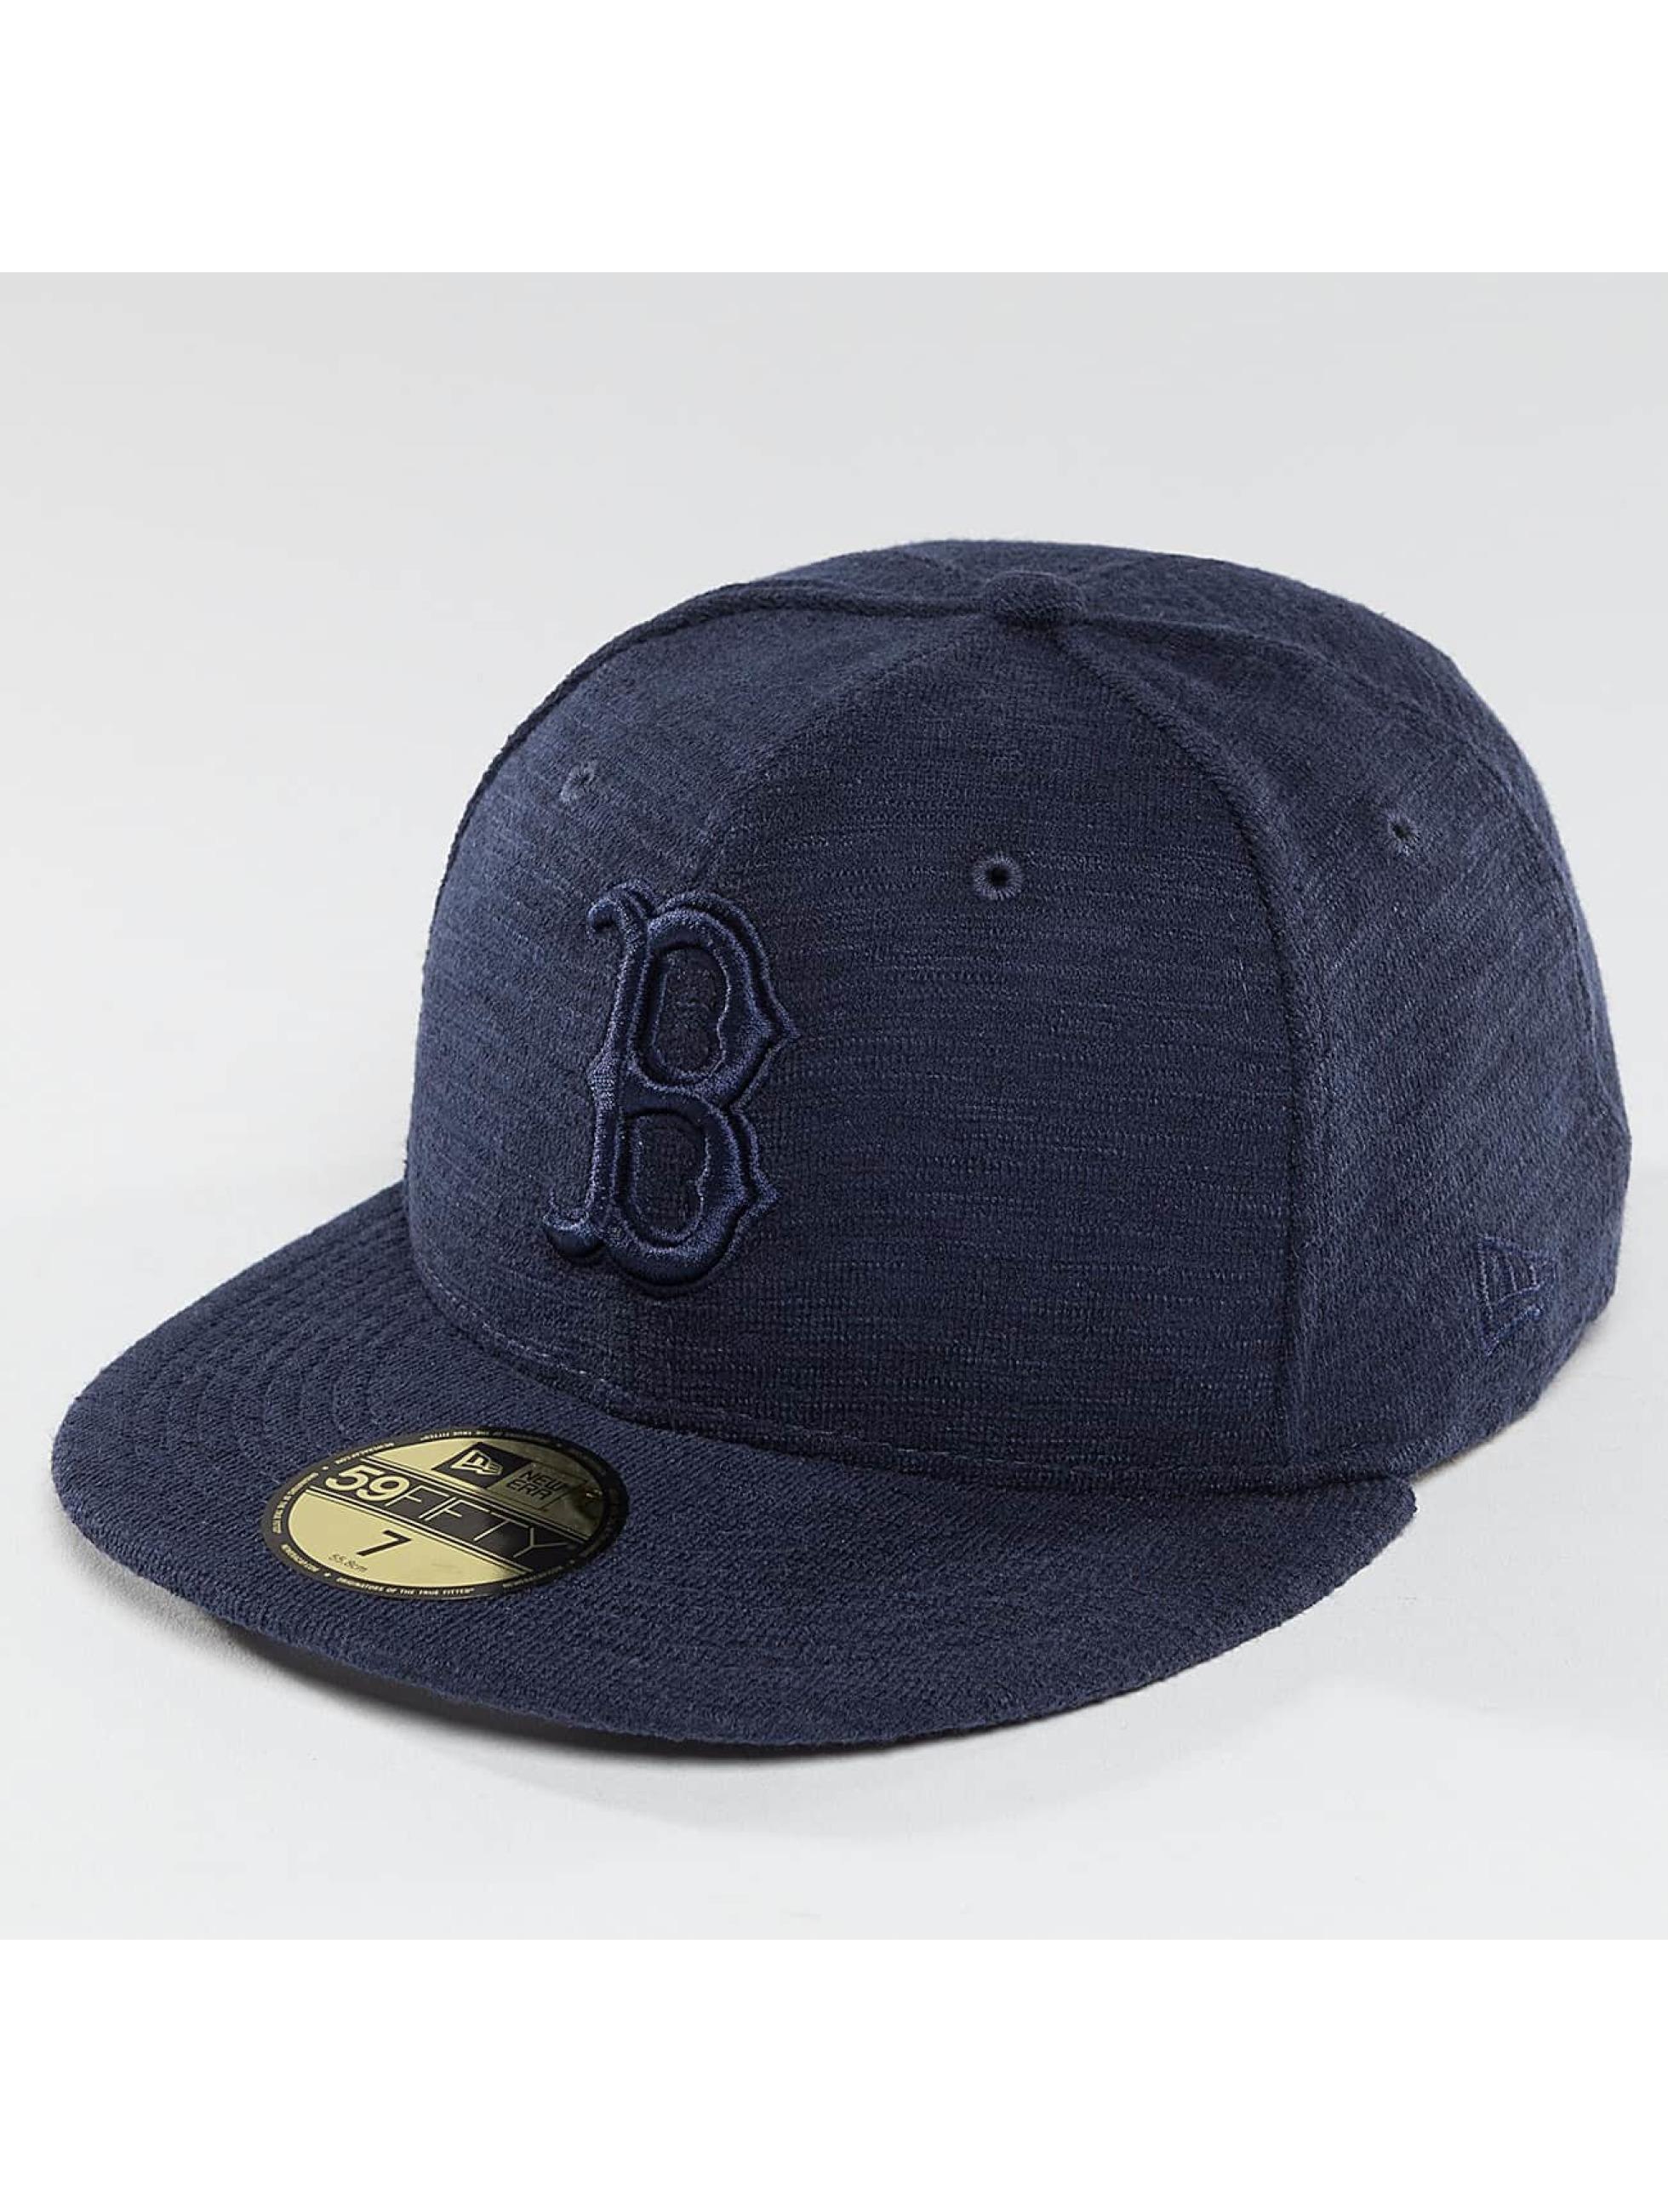 New Era Fitted Cap Slub blue